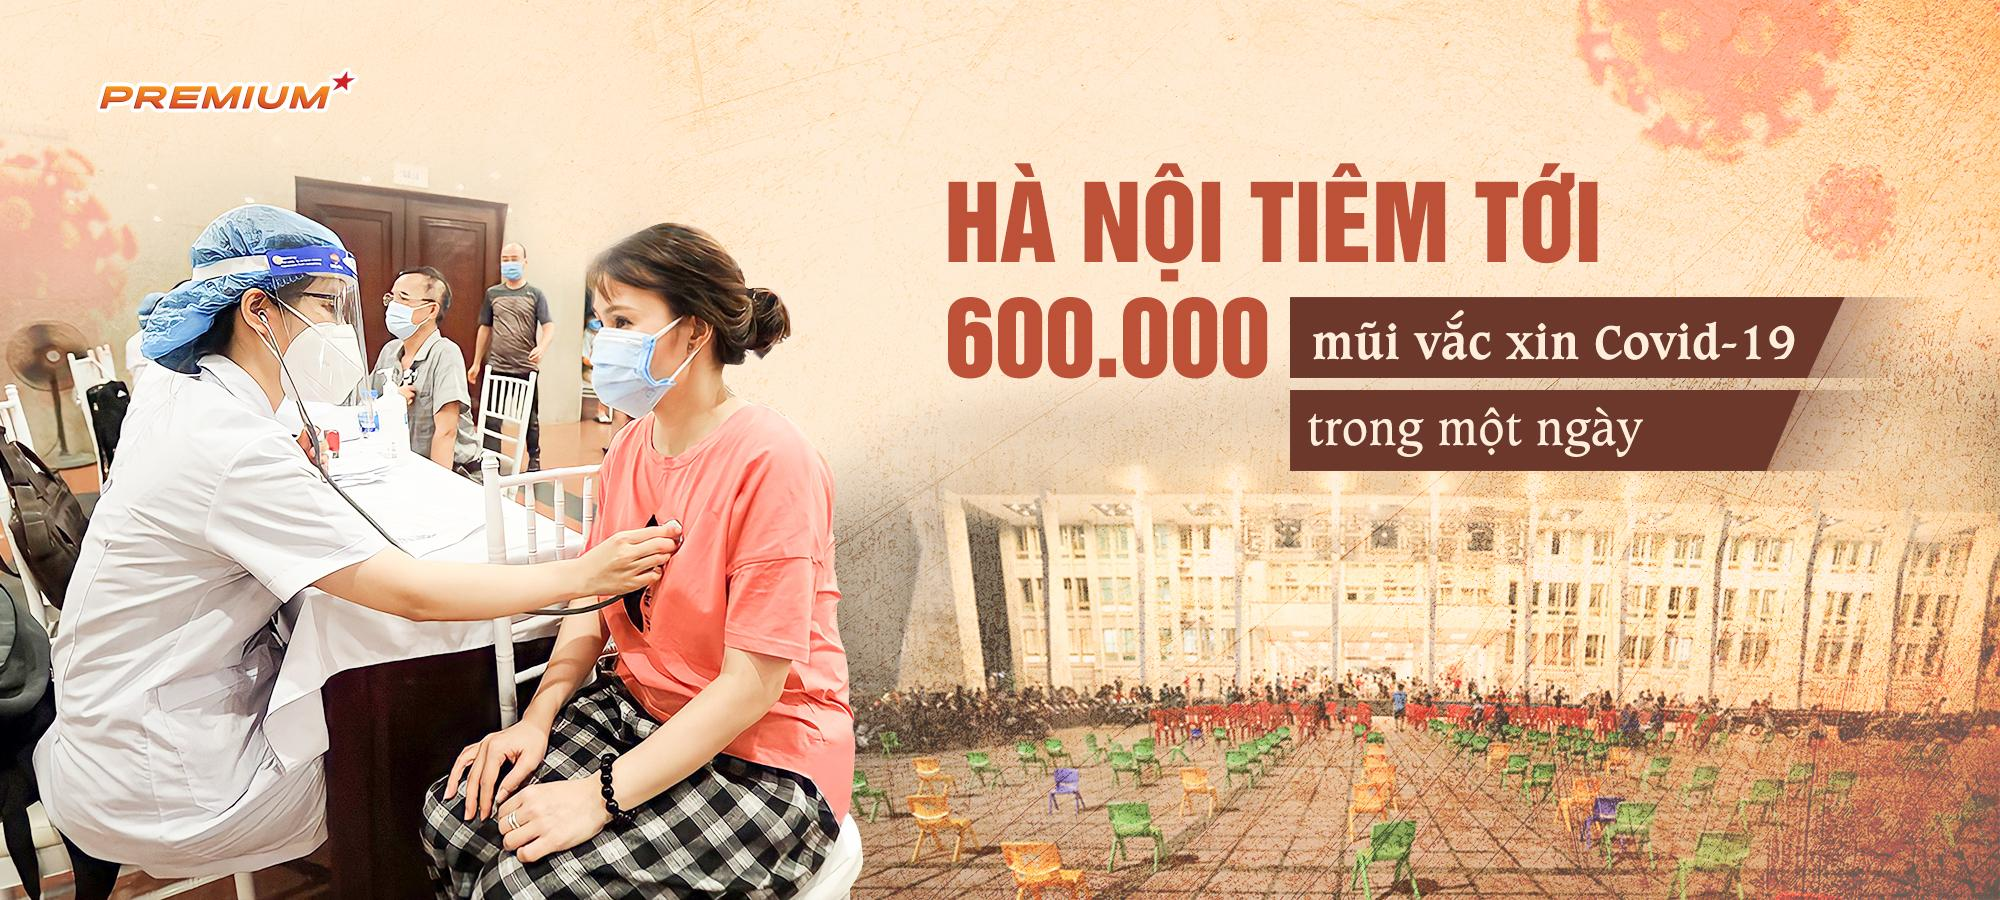 Hà Nội tiêm tới 600.000 mũi vắc xin Covid-19 trong một ngày